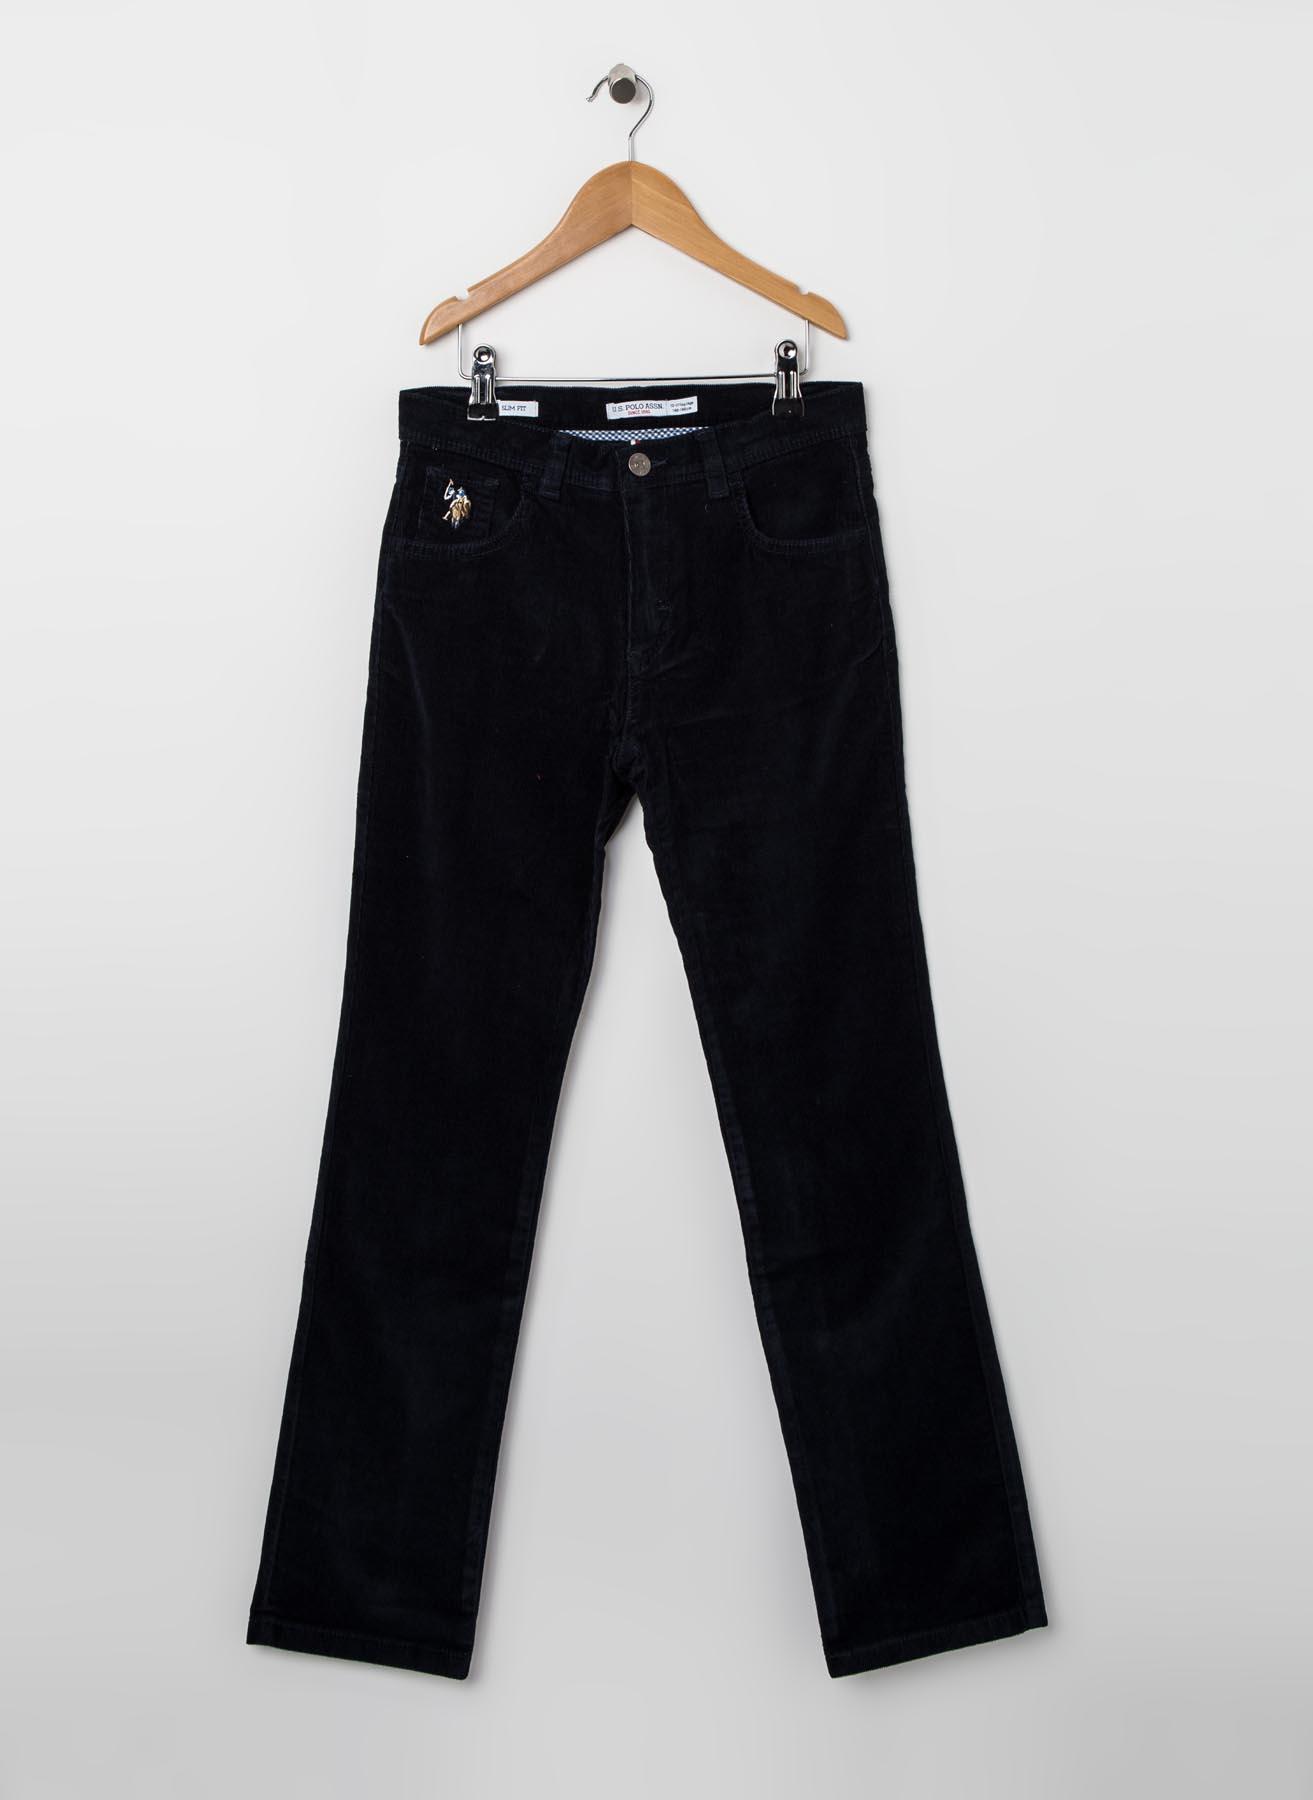 U.S. Polo Assn. Kadife Lacivert Pantolon 9 Yaş 5000375715011 Ürün Resmi